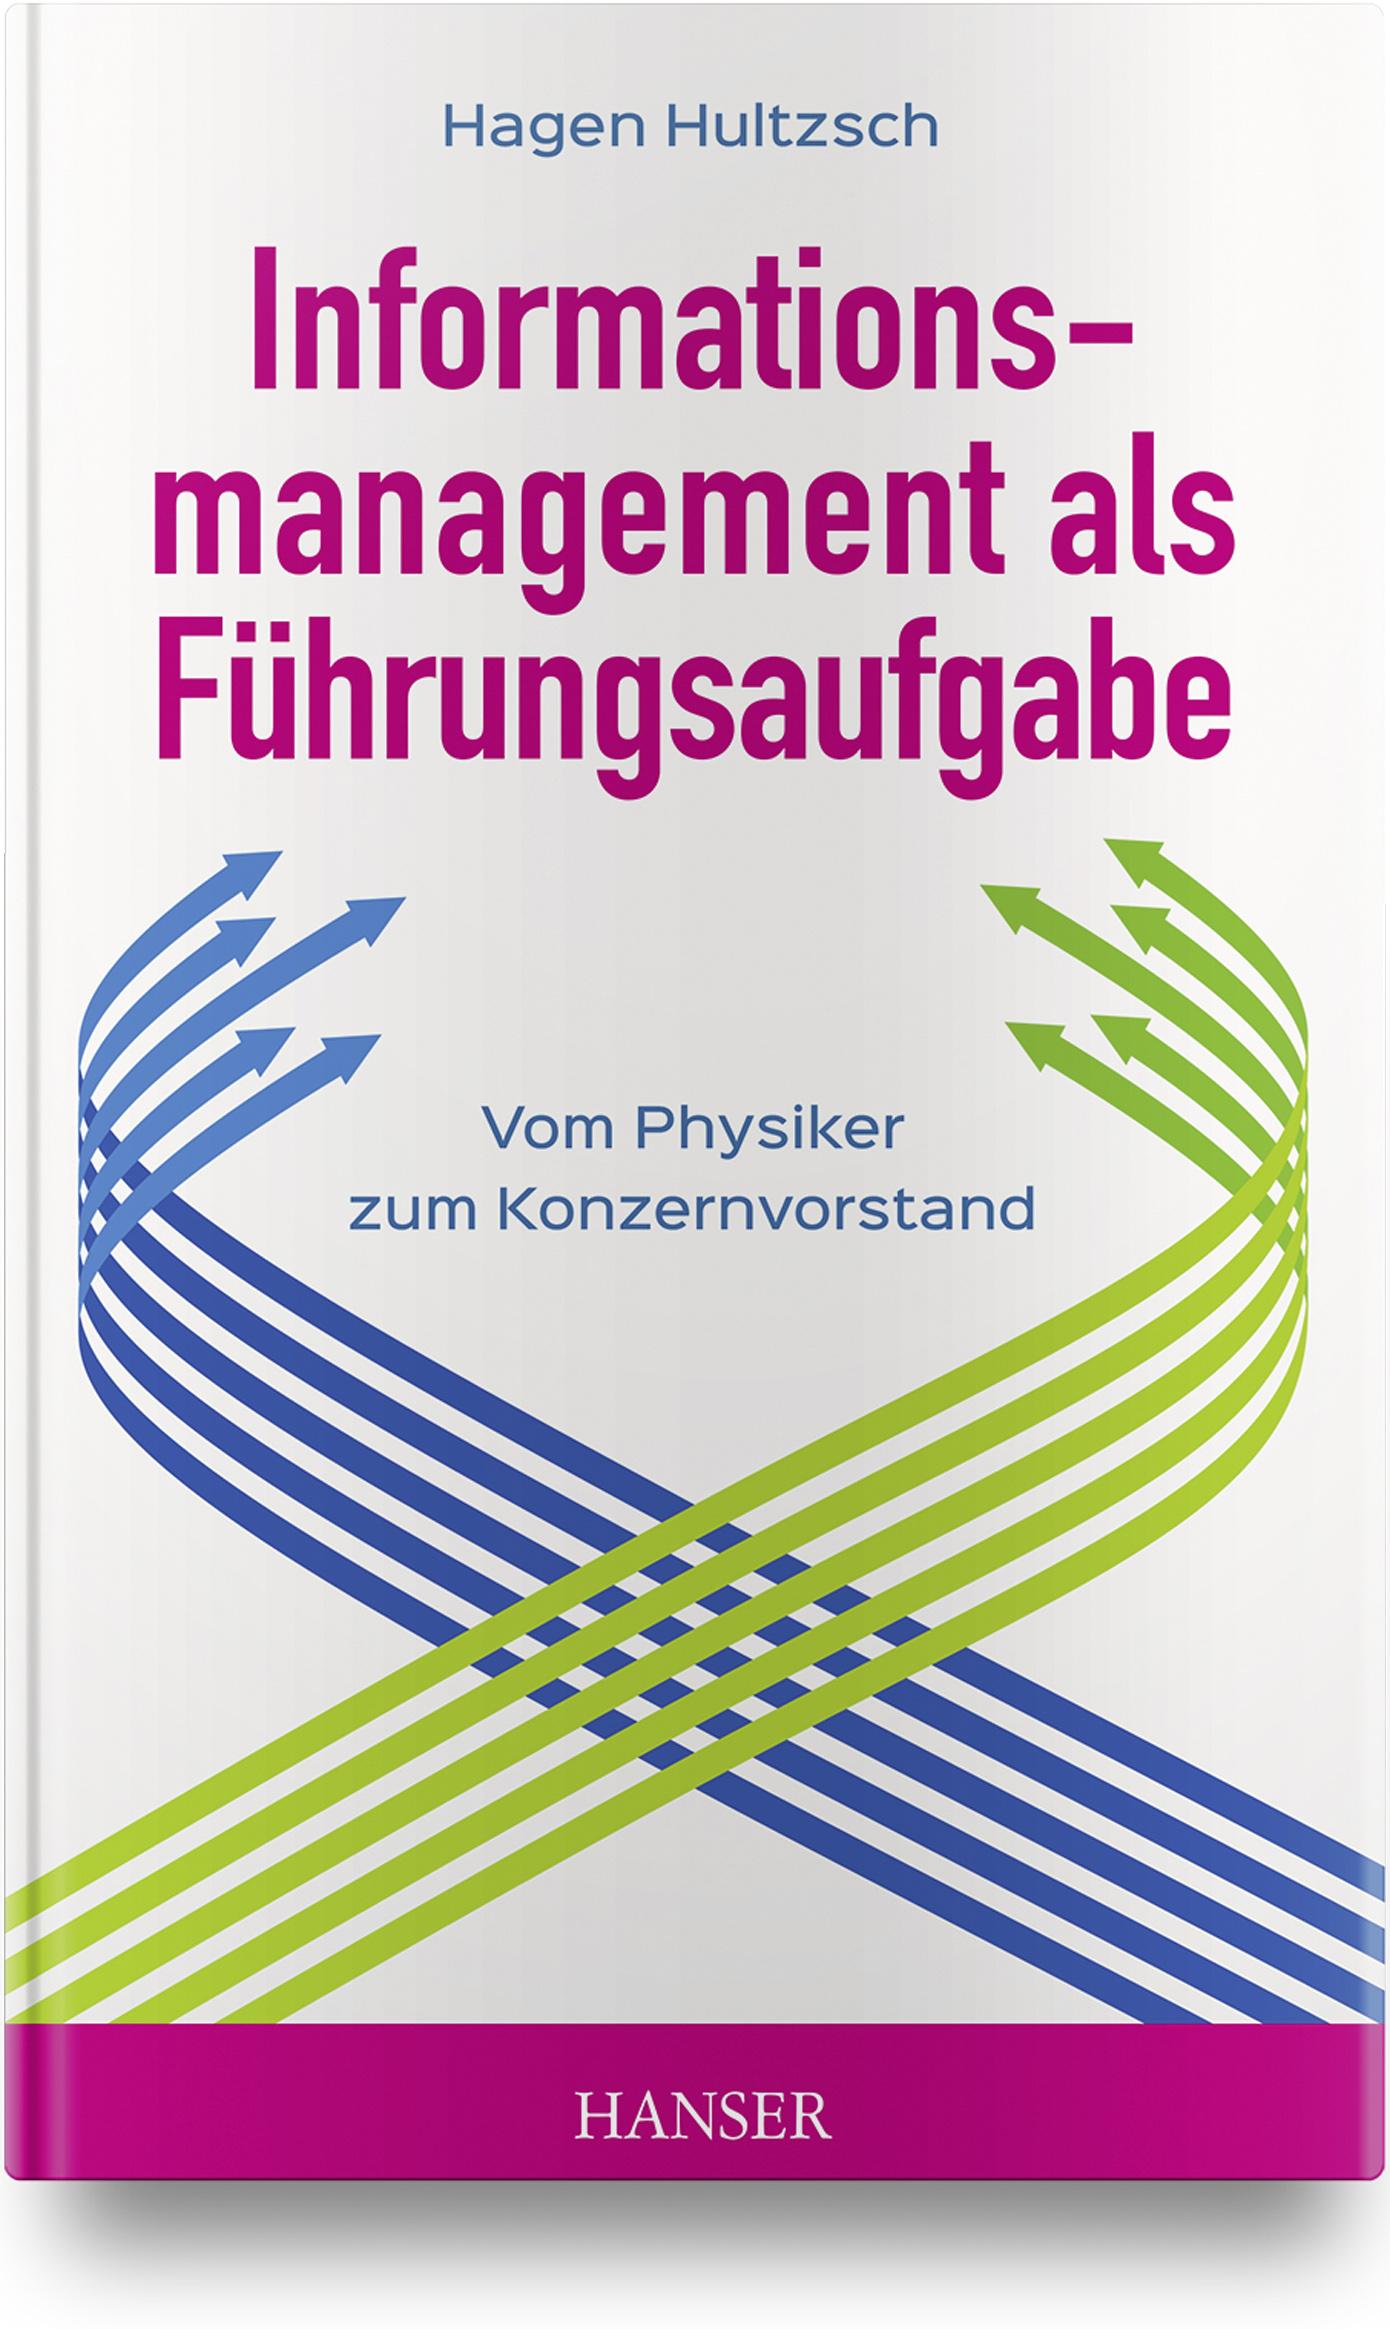 Hultzsch, Informationsmanagement als Führungsaufgabe - vom Physiker zum Konzernvorstand, 978-3-446-45936-6